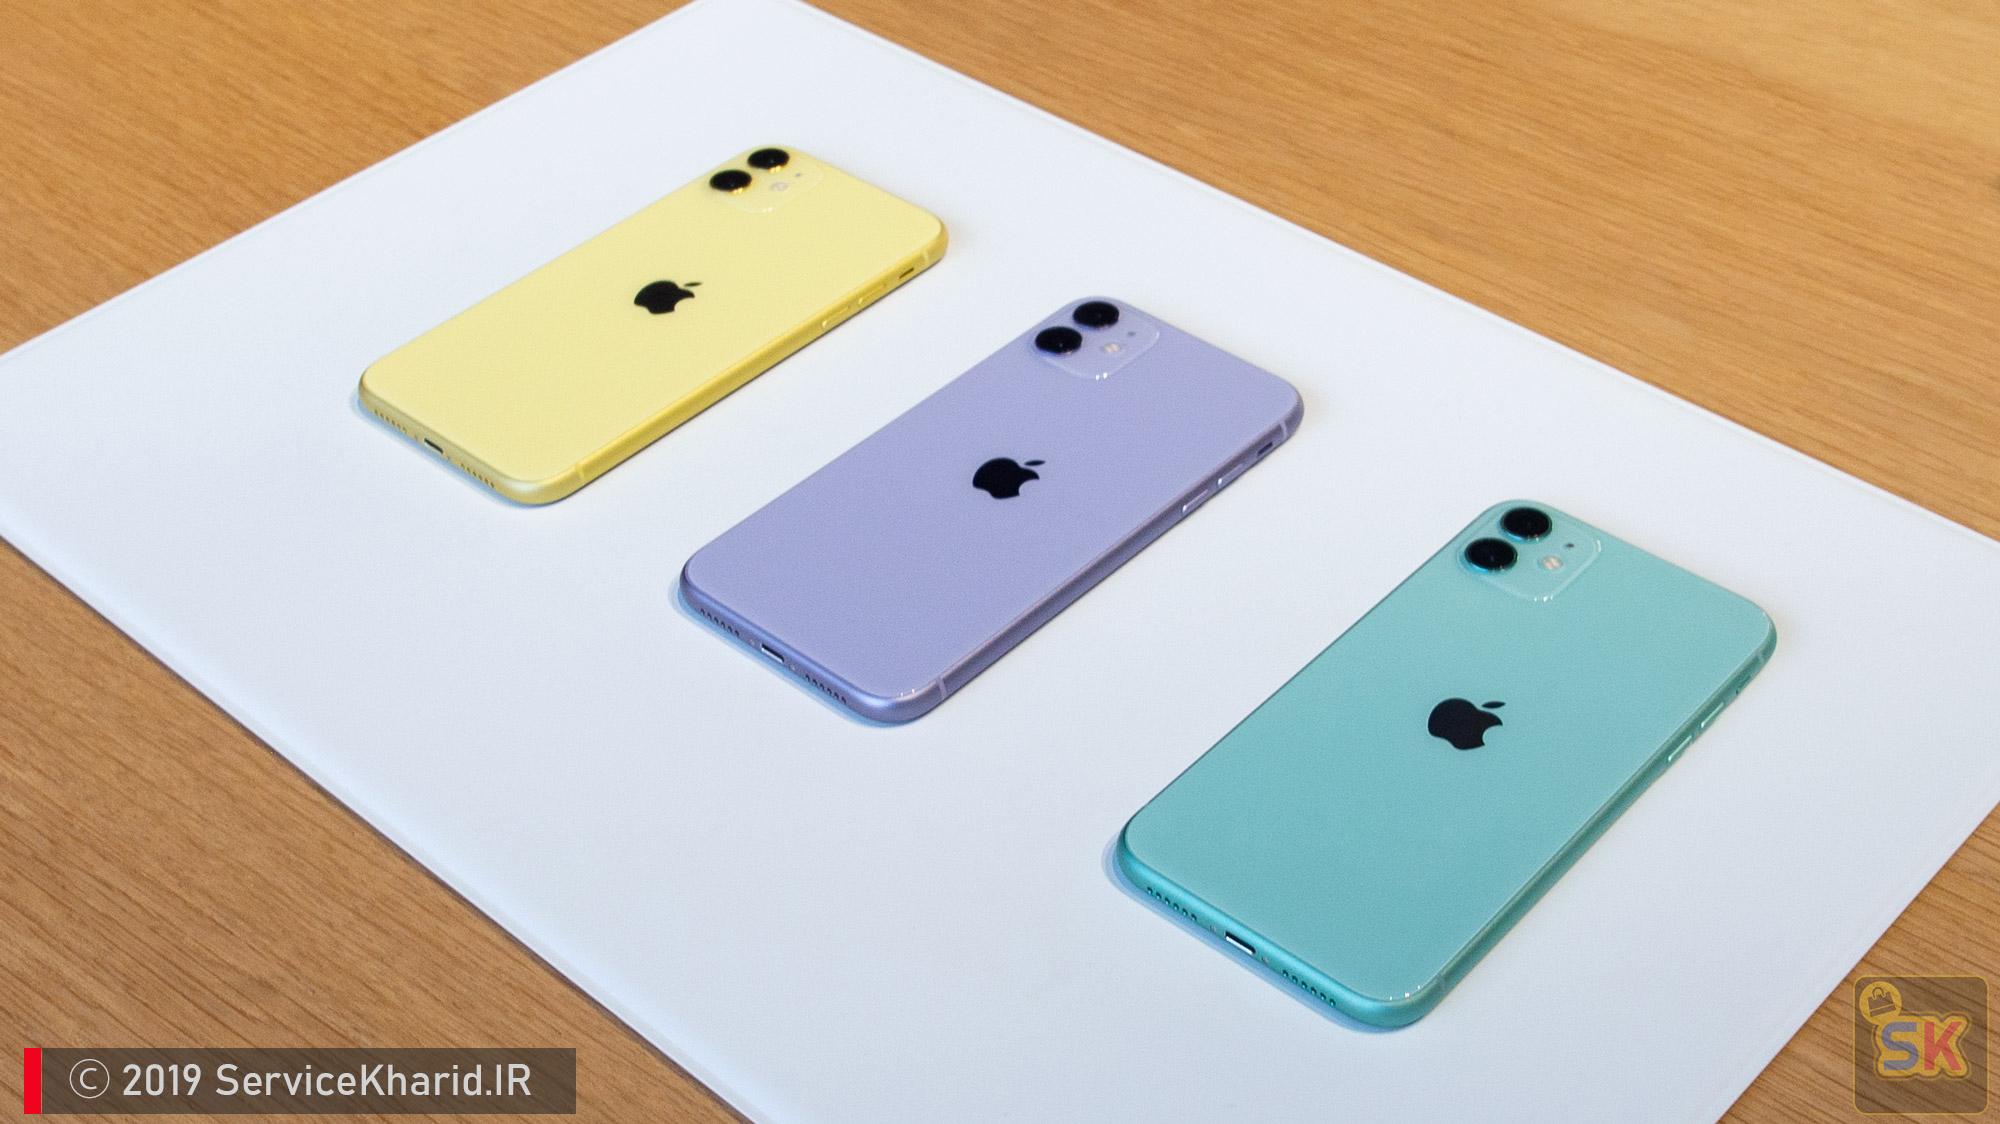 بررسی گوشی هوشمند اپل iPhone 11